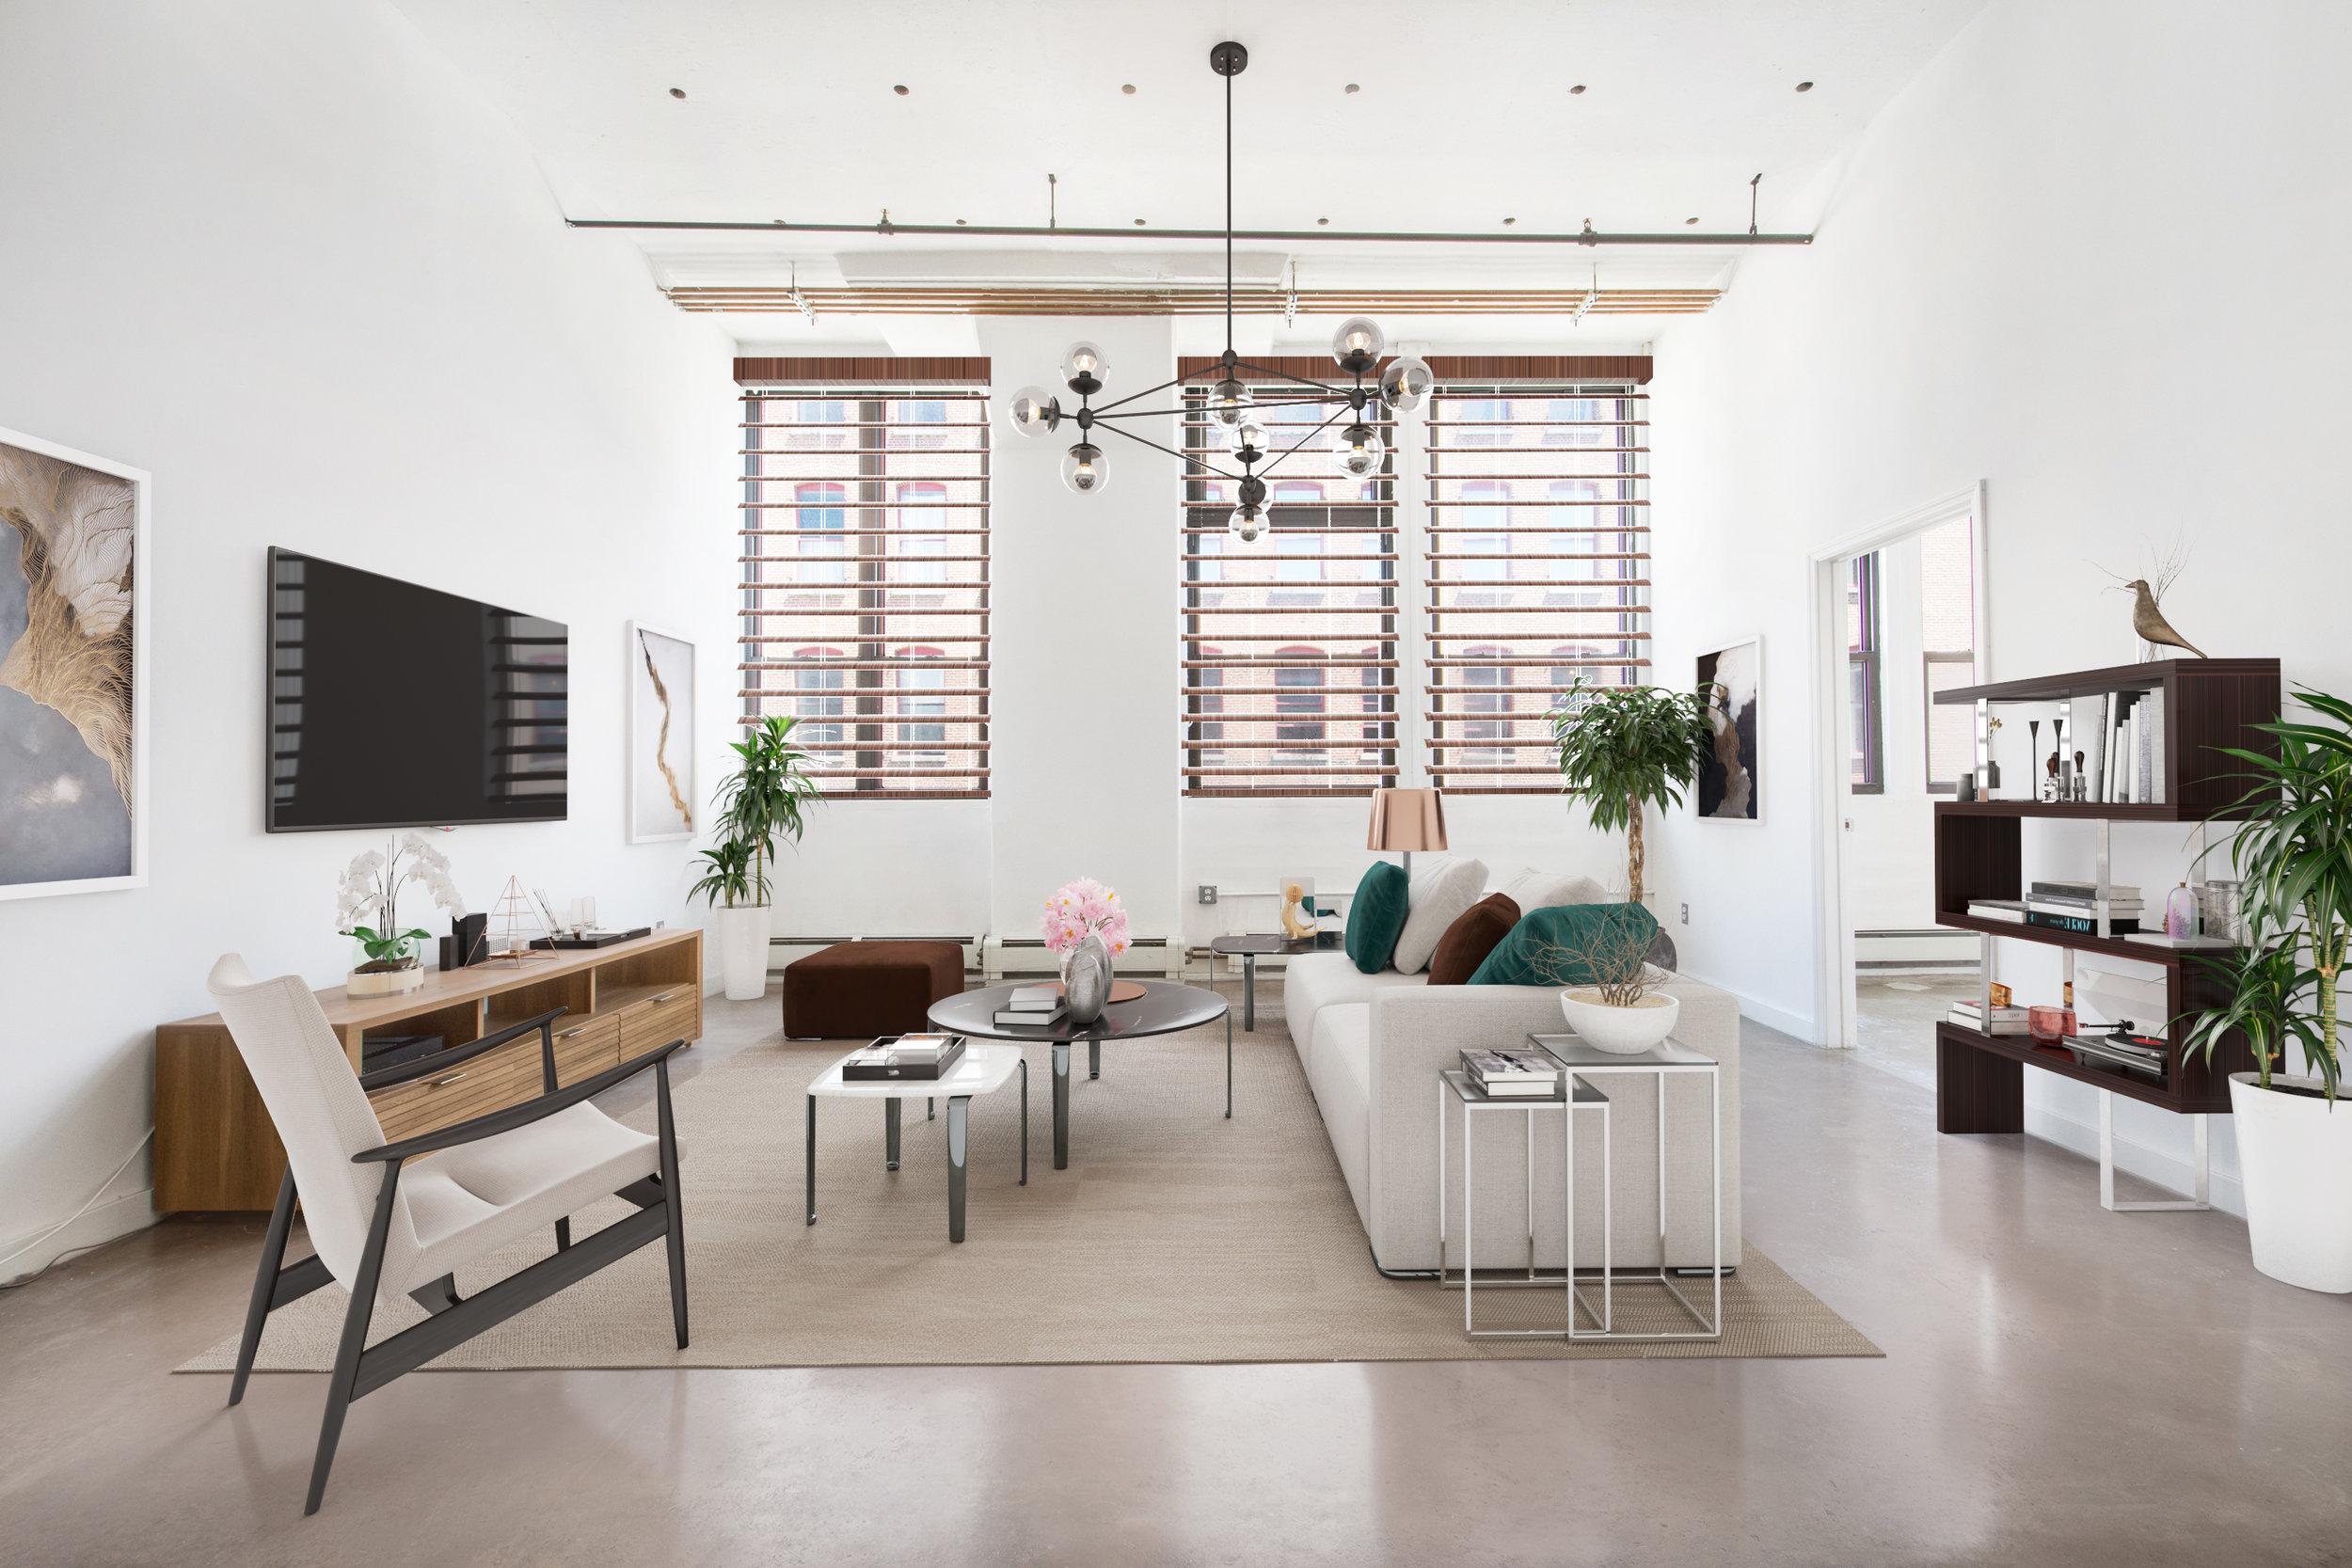 63 N3rd St, 313 - Williamsburg | Brooklyn    1 Bedroom // 1 Bath Leased Price:    $3,400